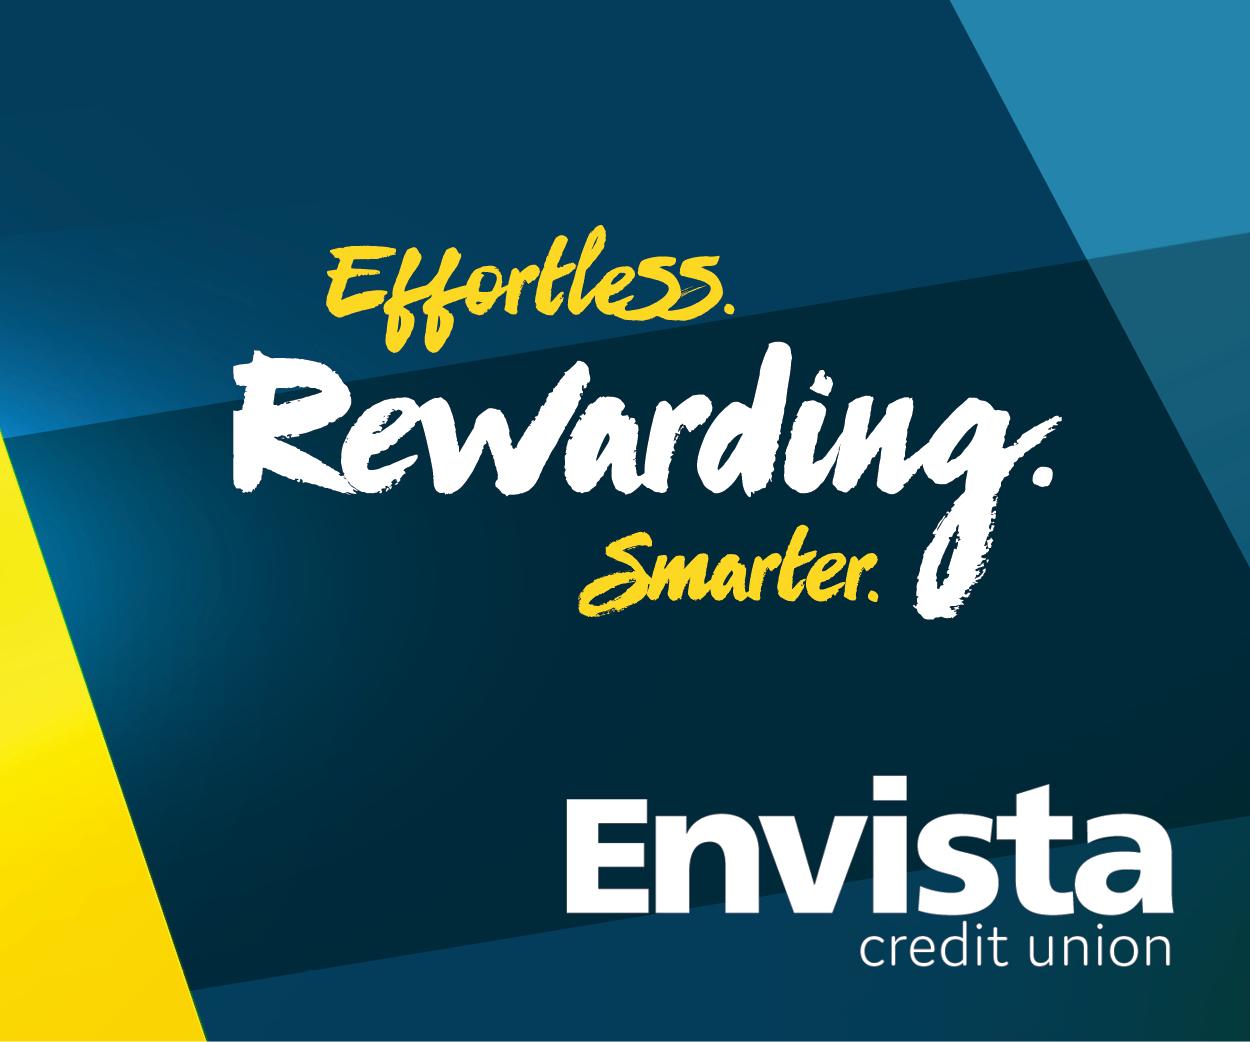 Envista_ad